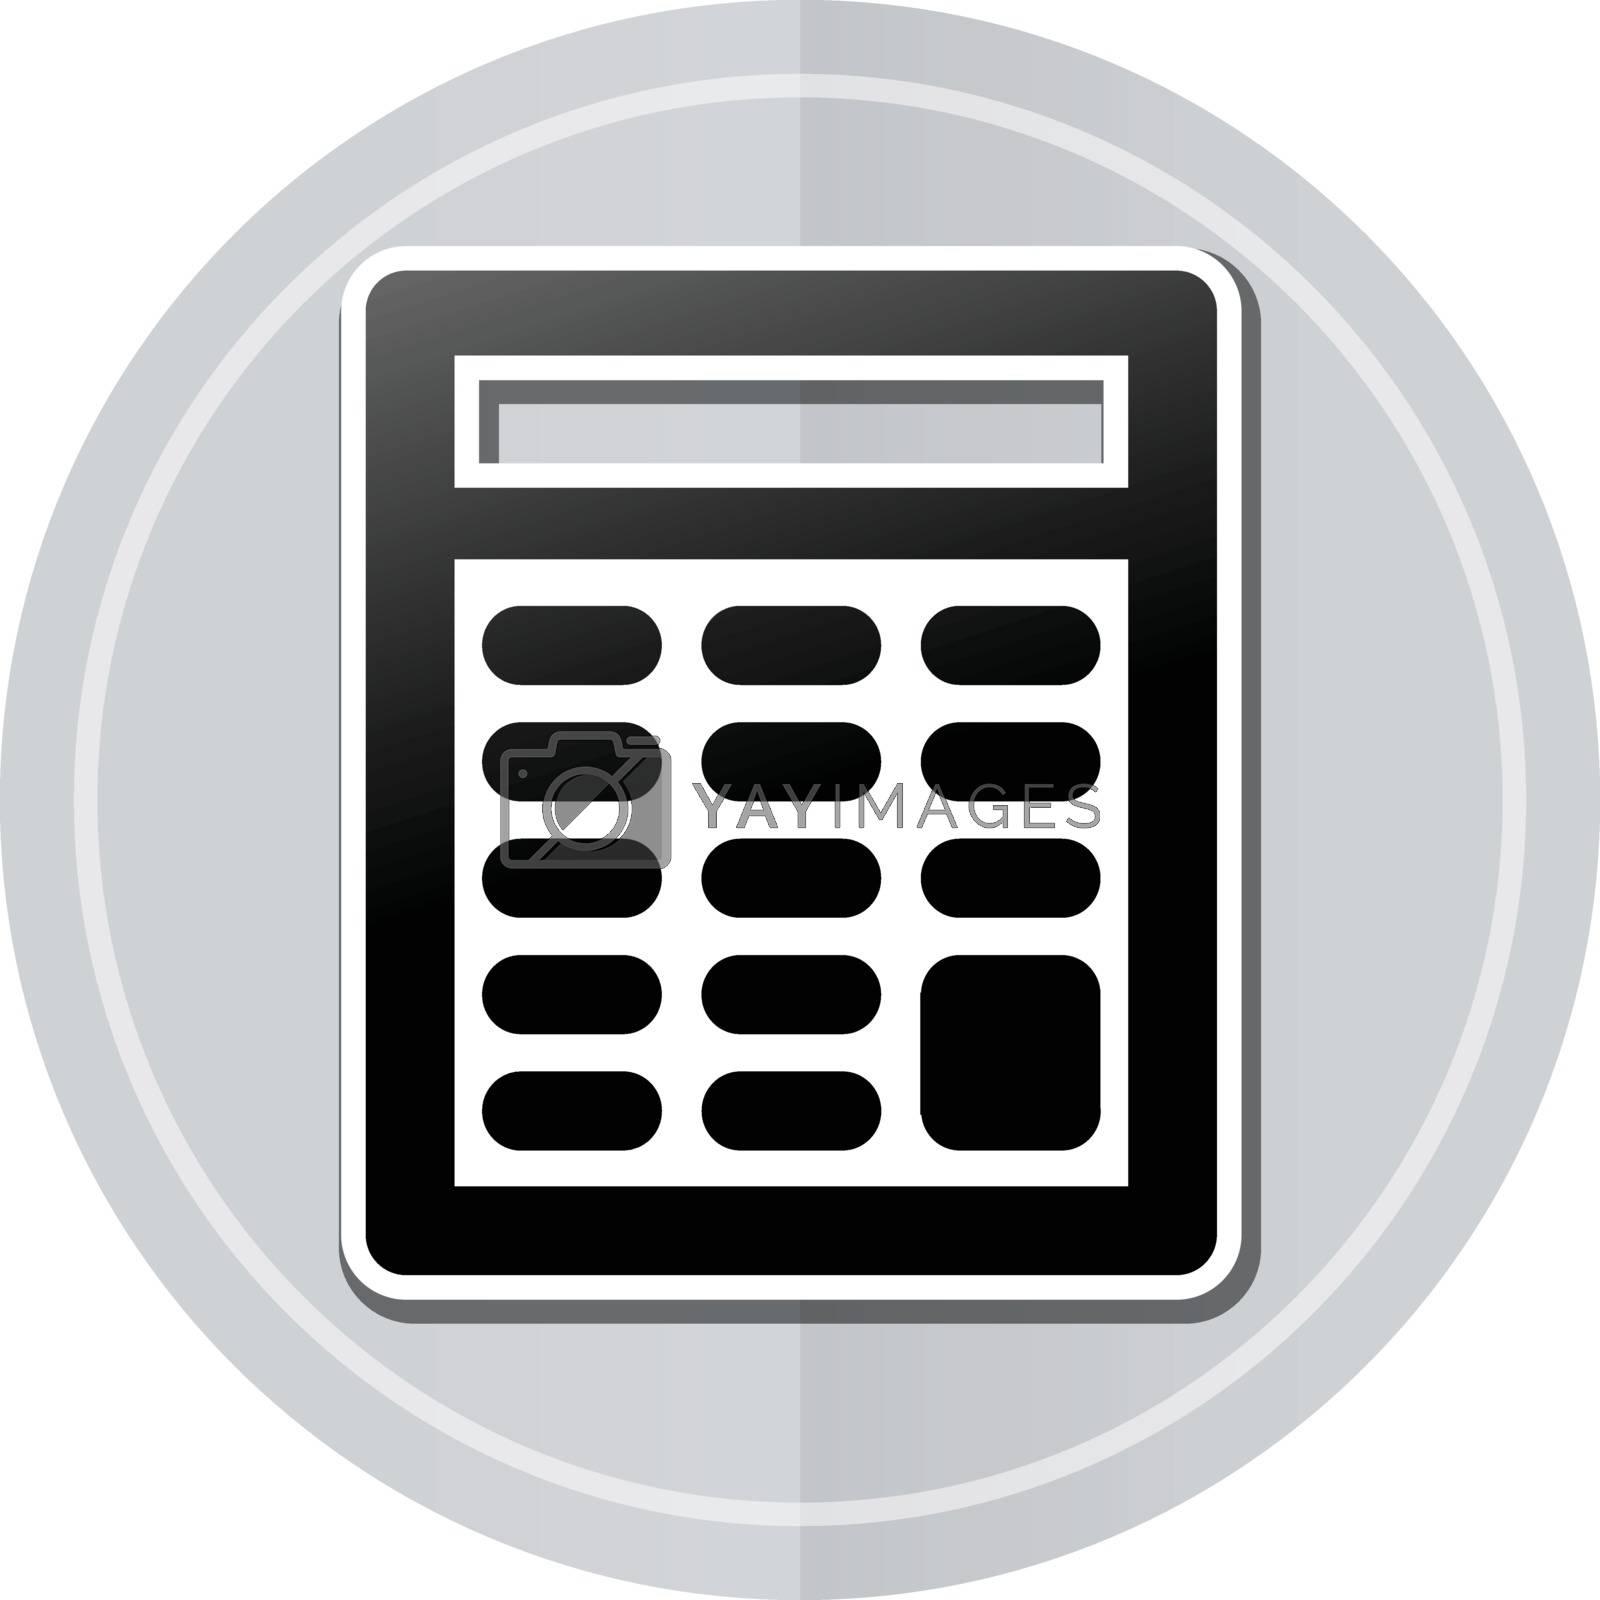 Illustration of calculator sticker icon simple design